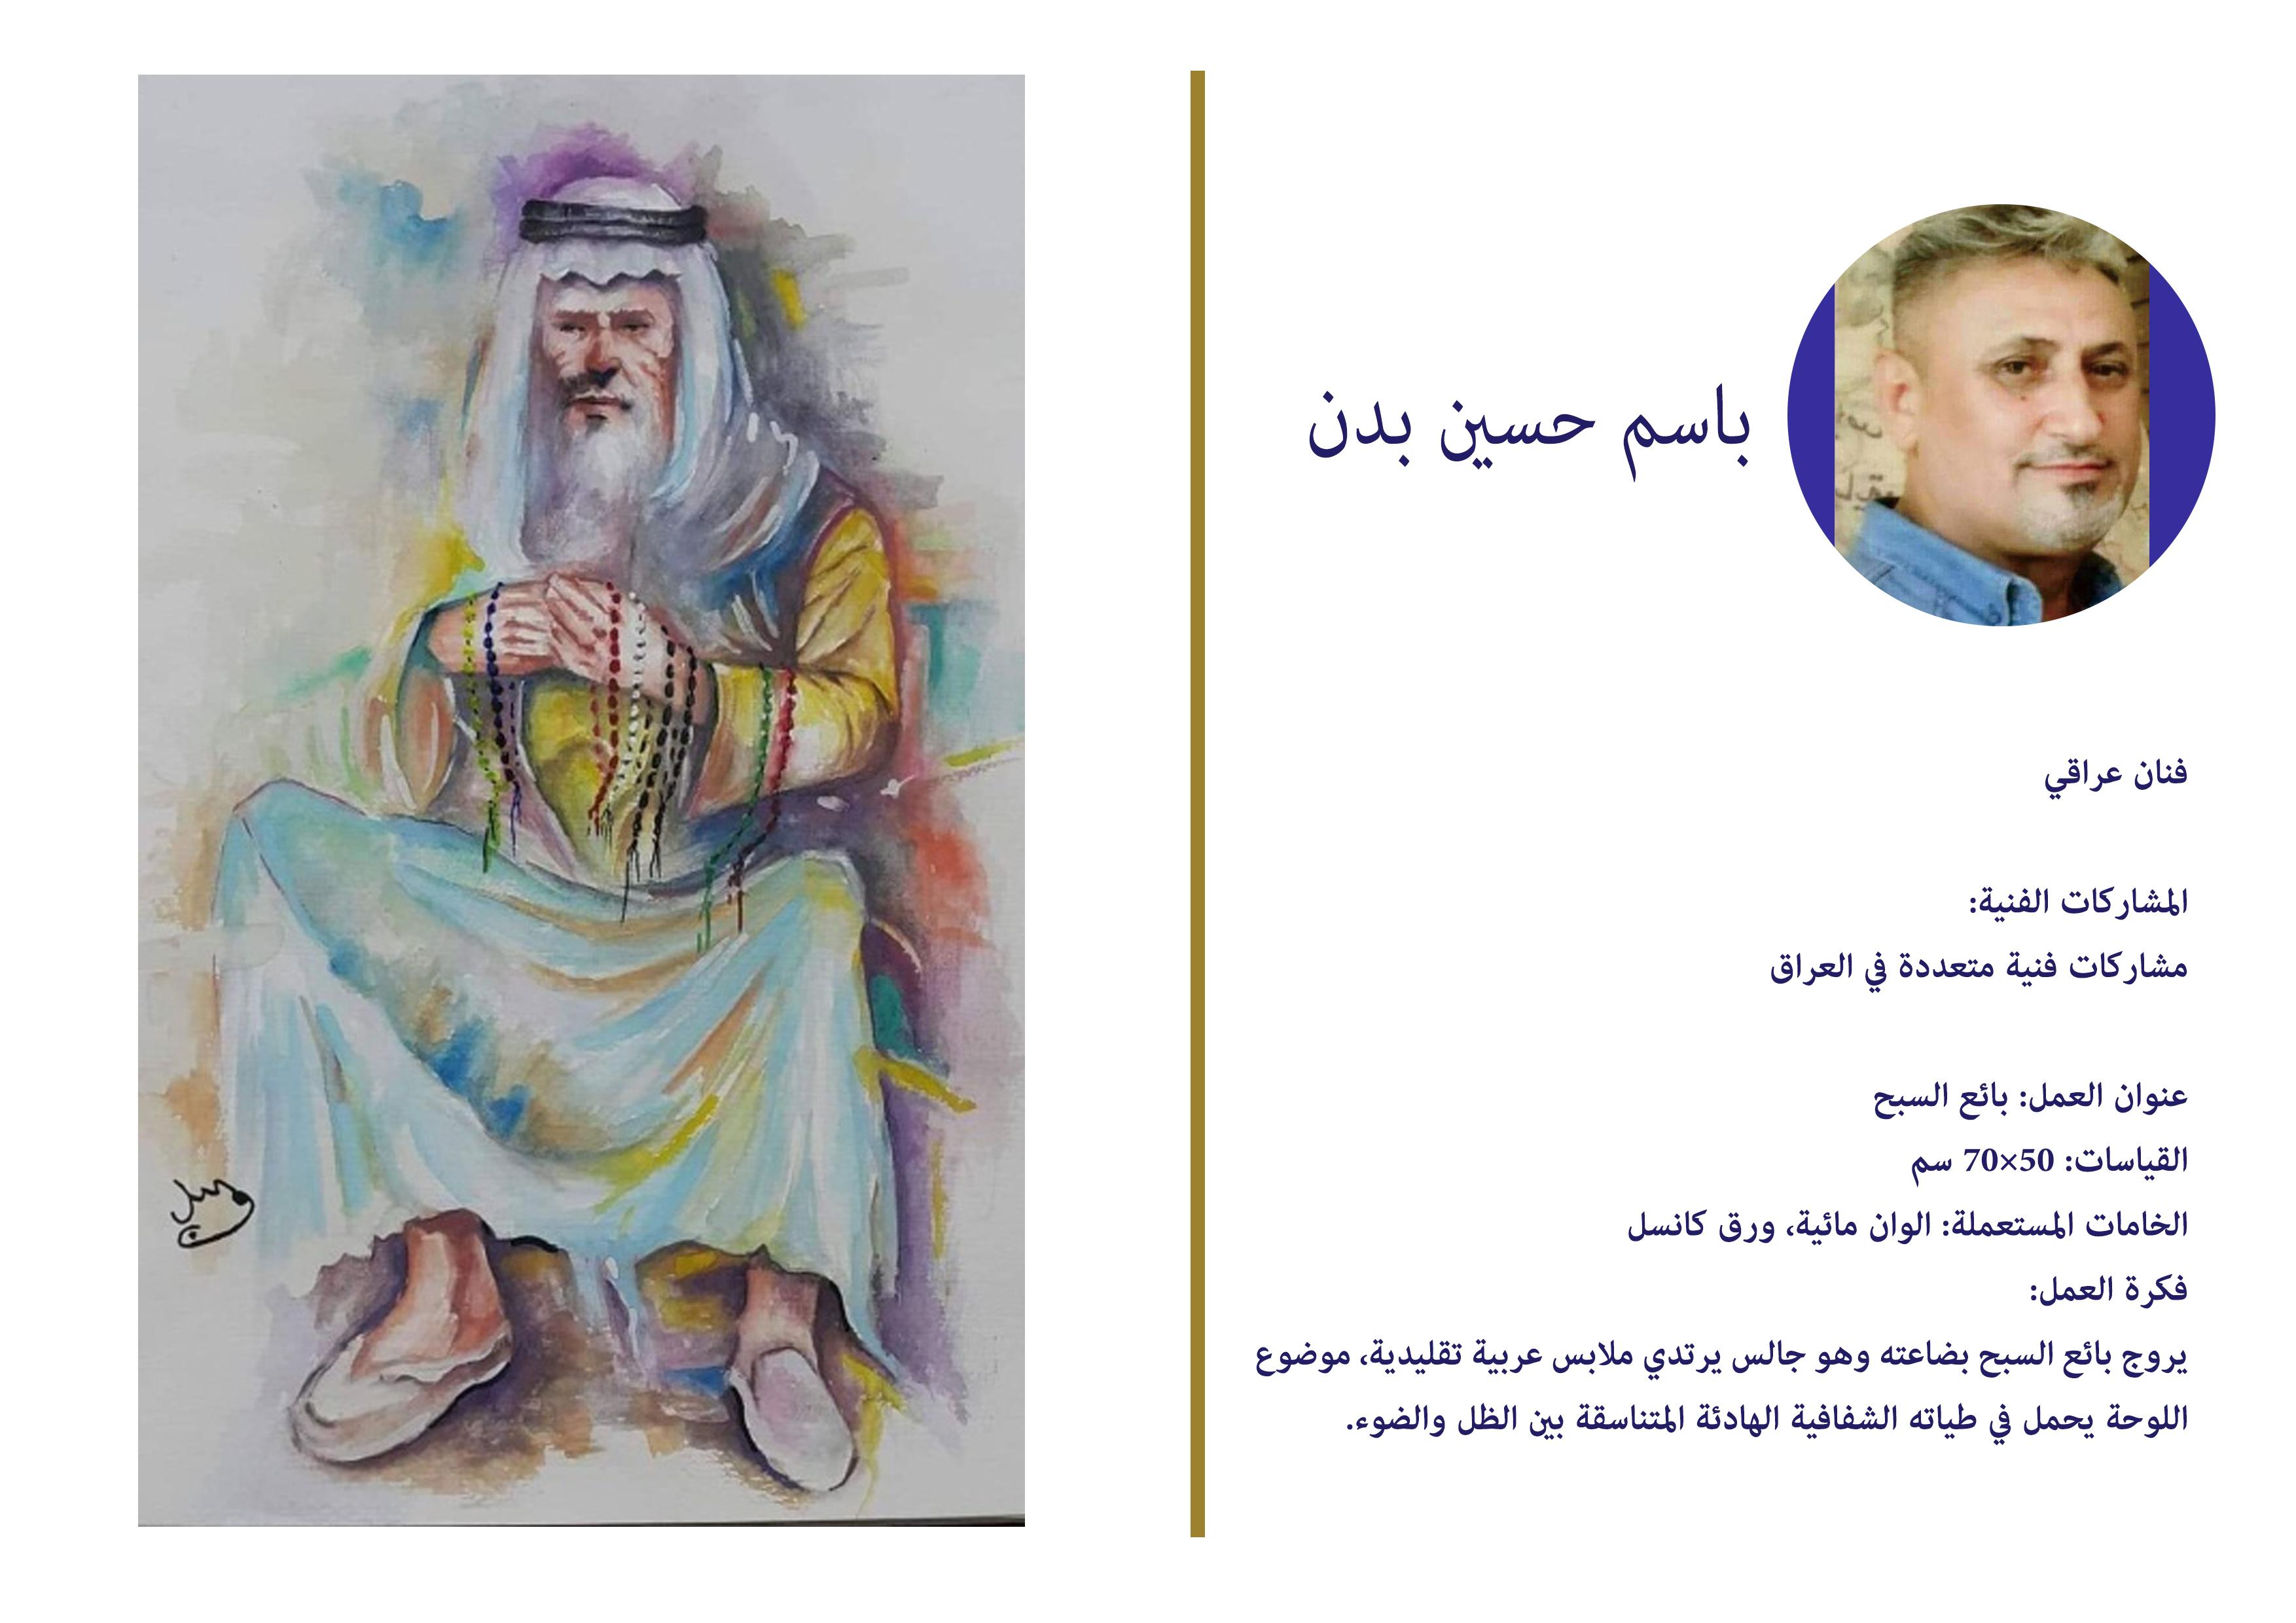 باسم حسين بدن